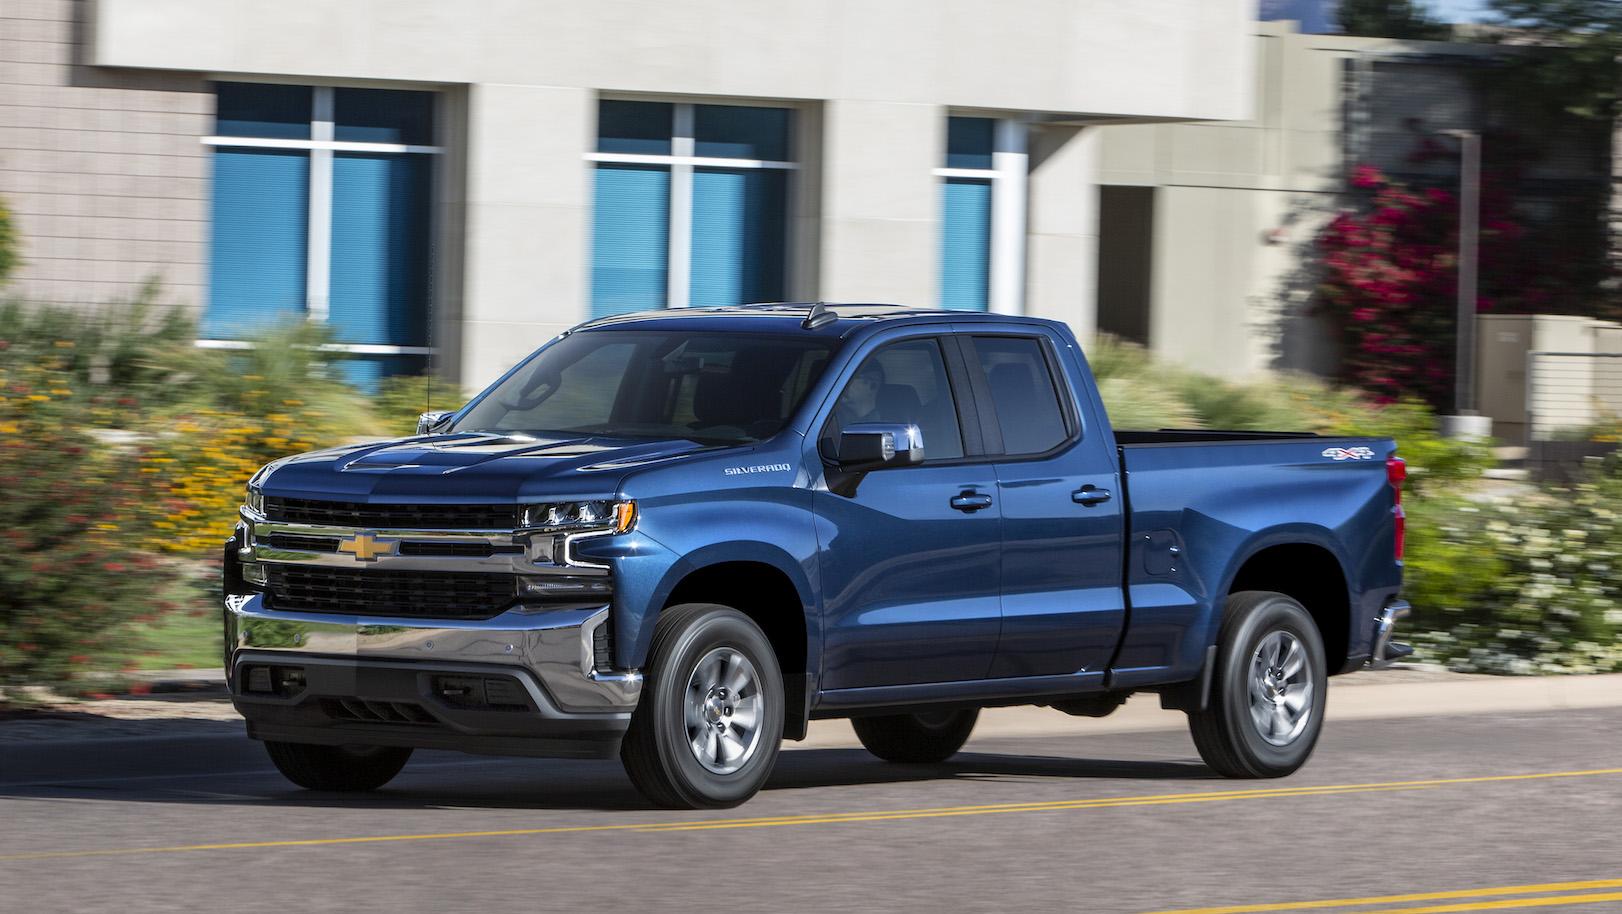 2019-Chevrolet-Silverado-Turbo-107